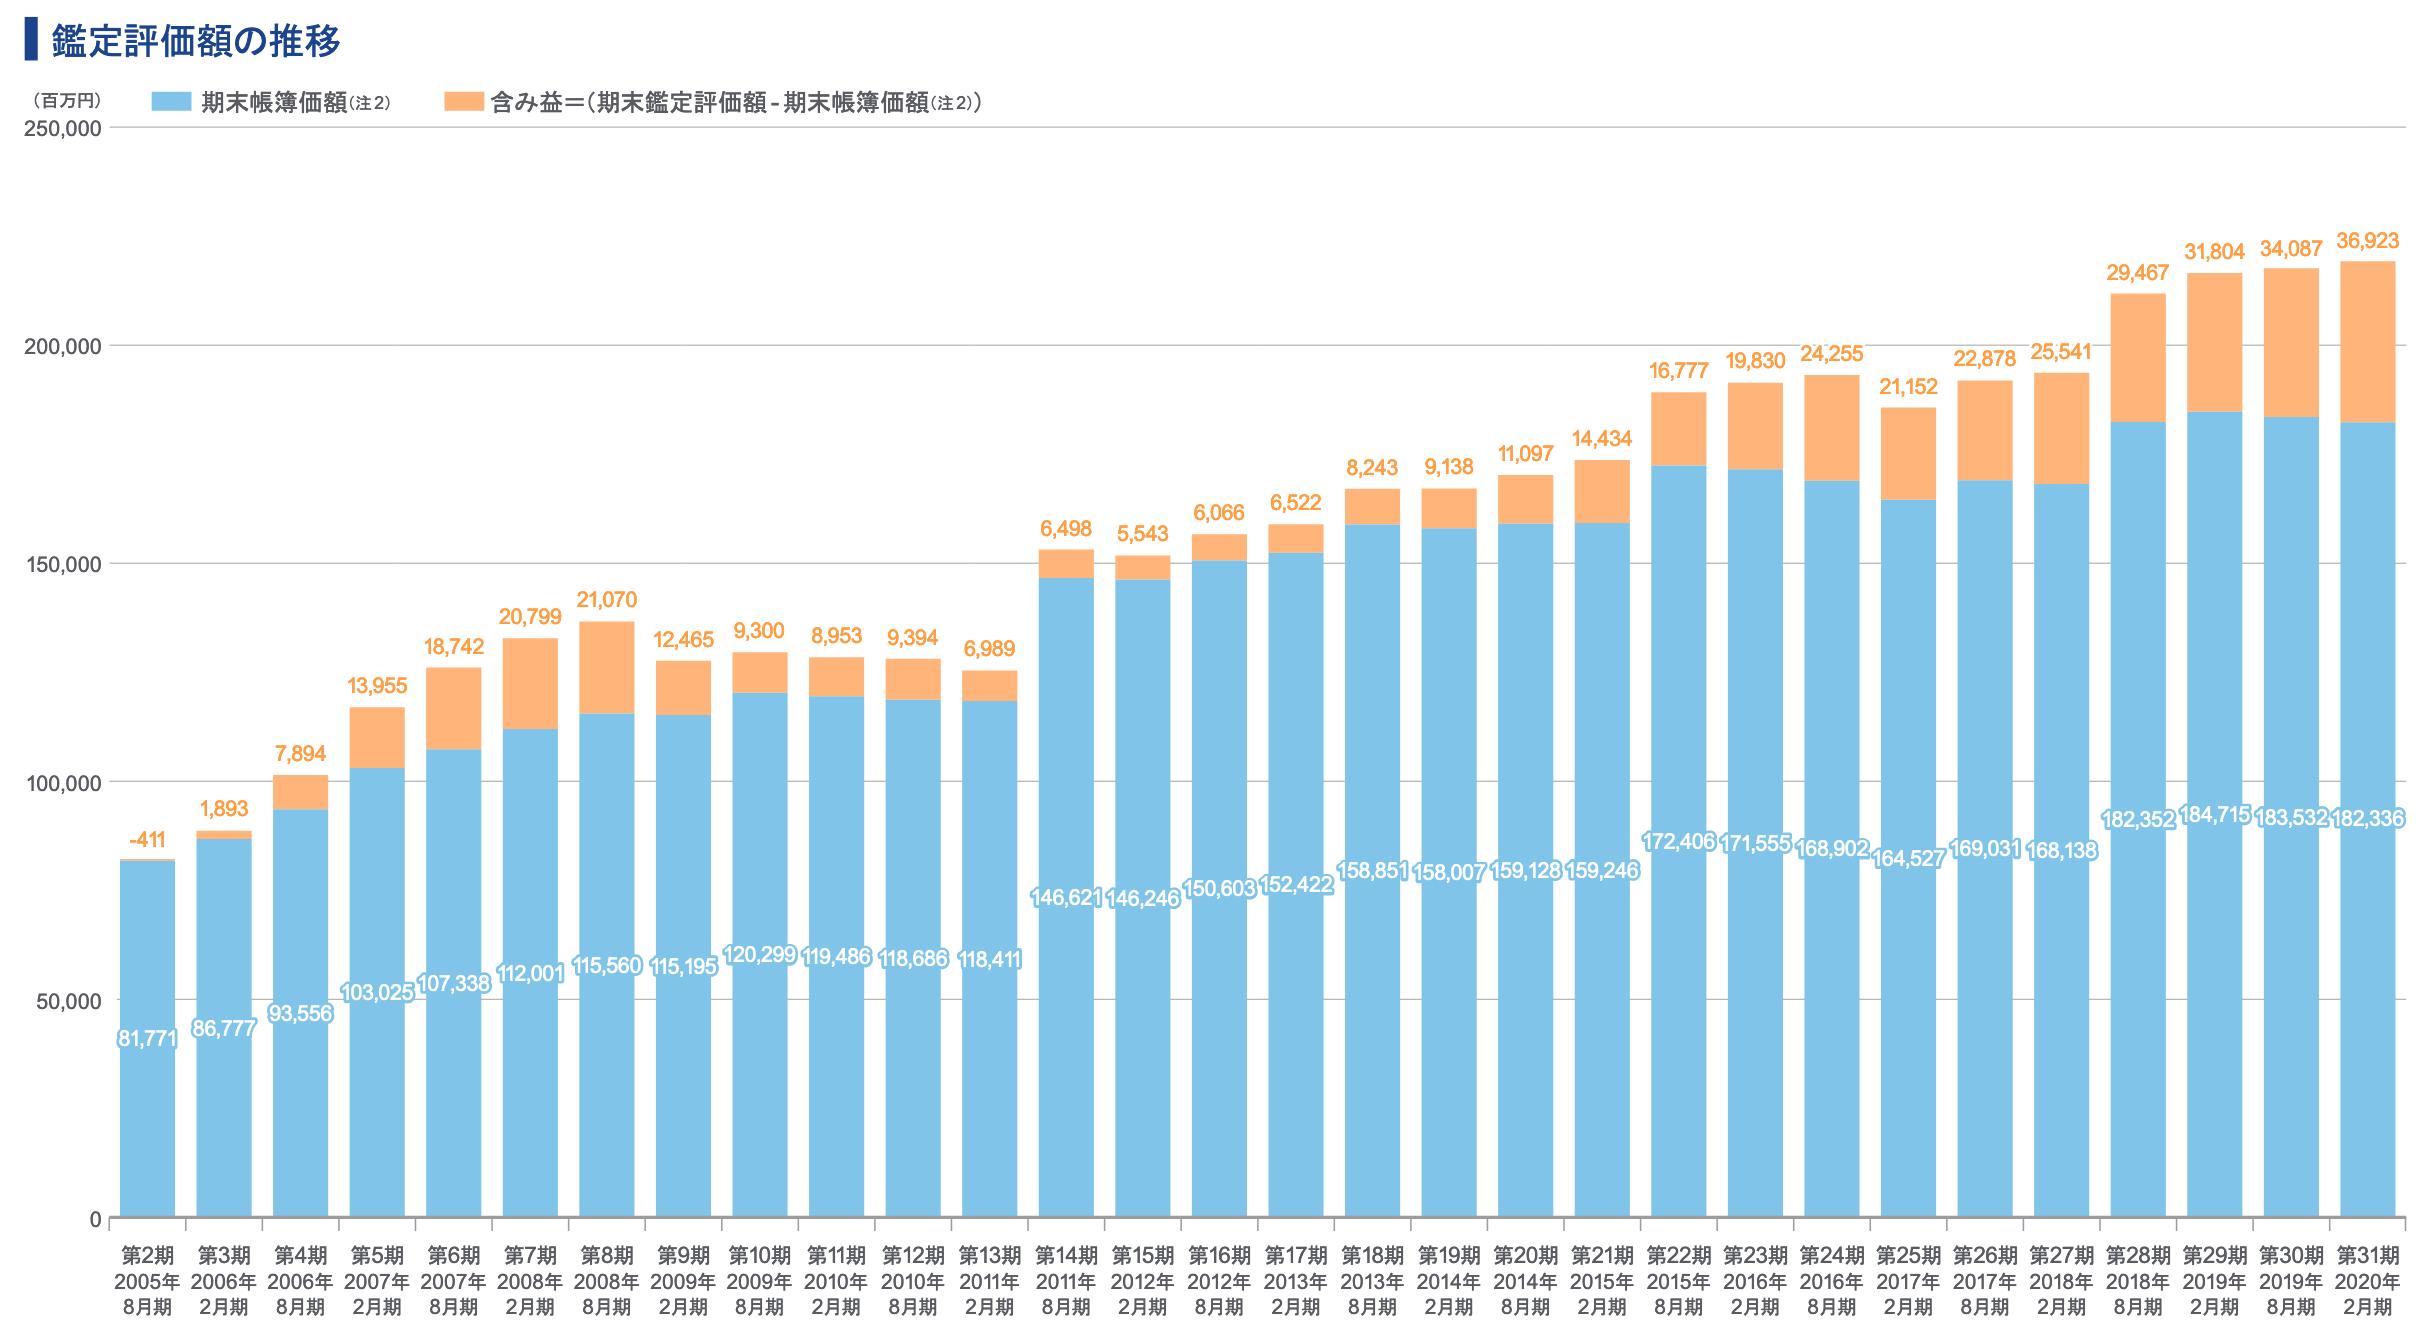 福岡リートの含み損比率・含み益比率